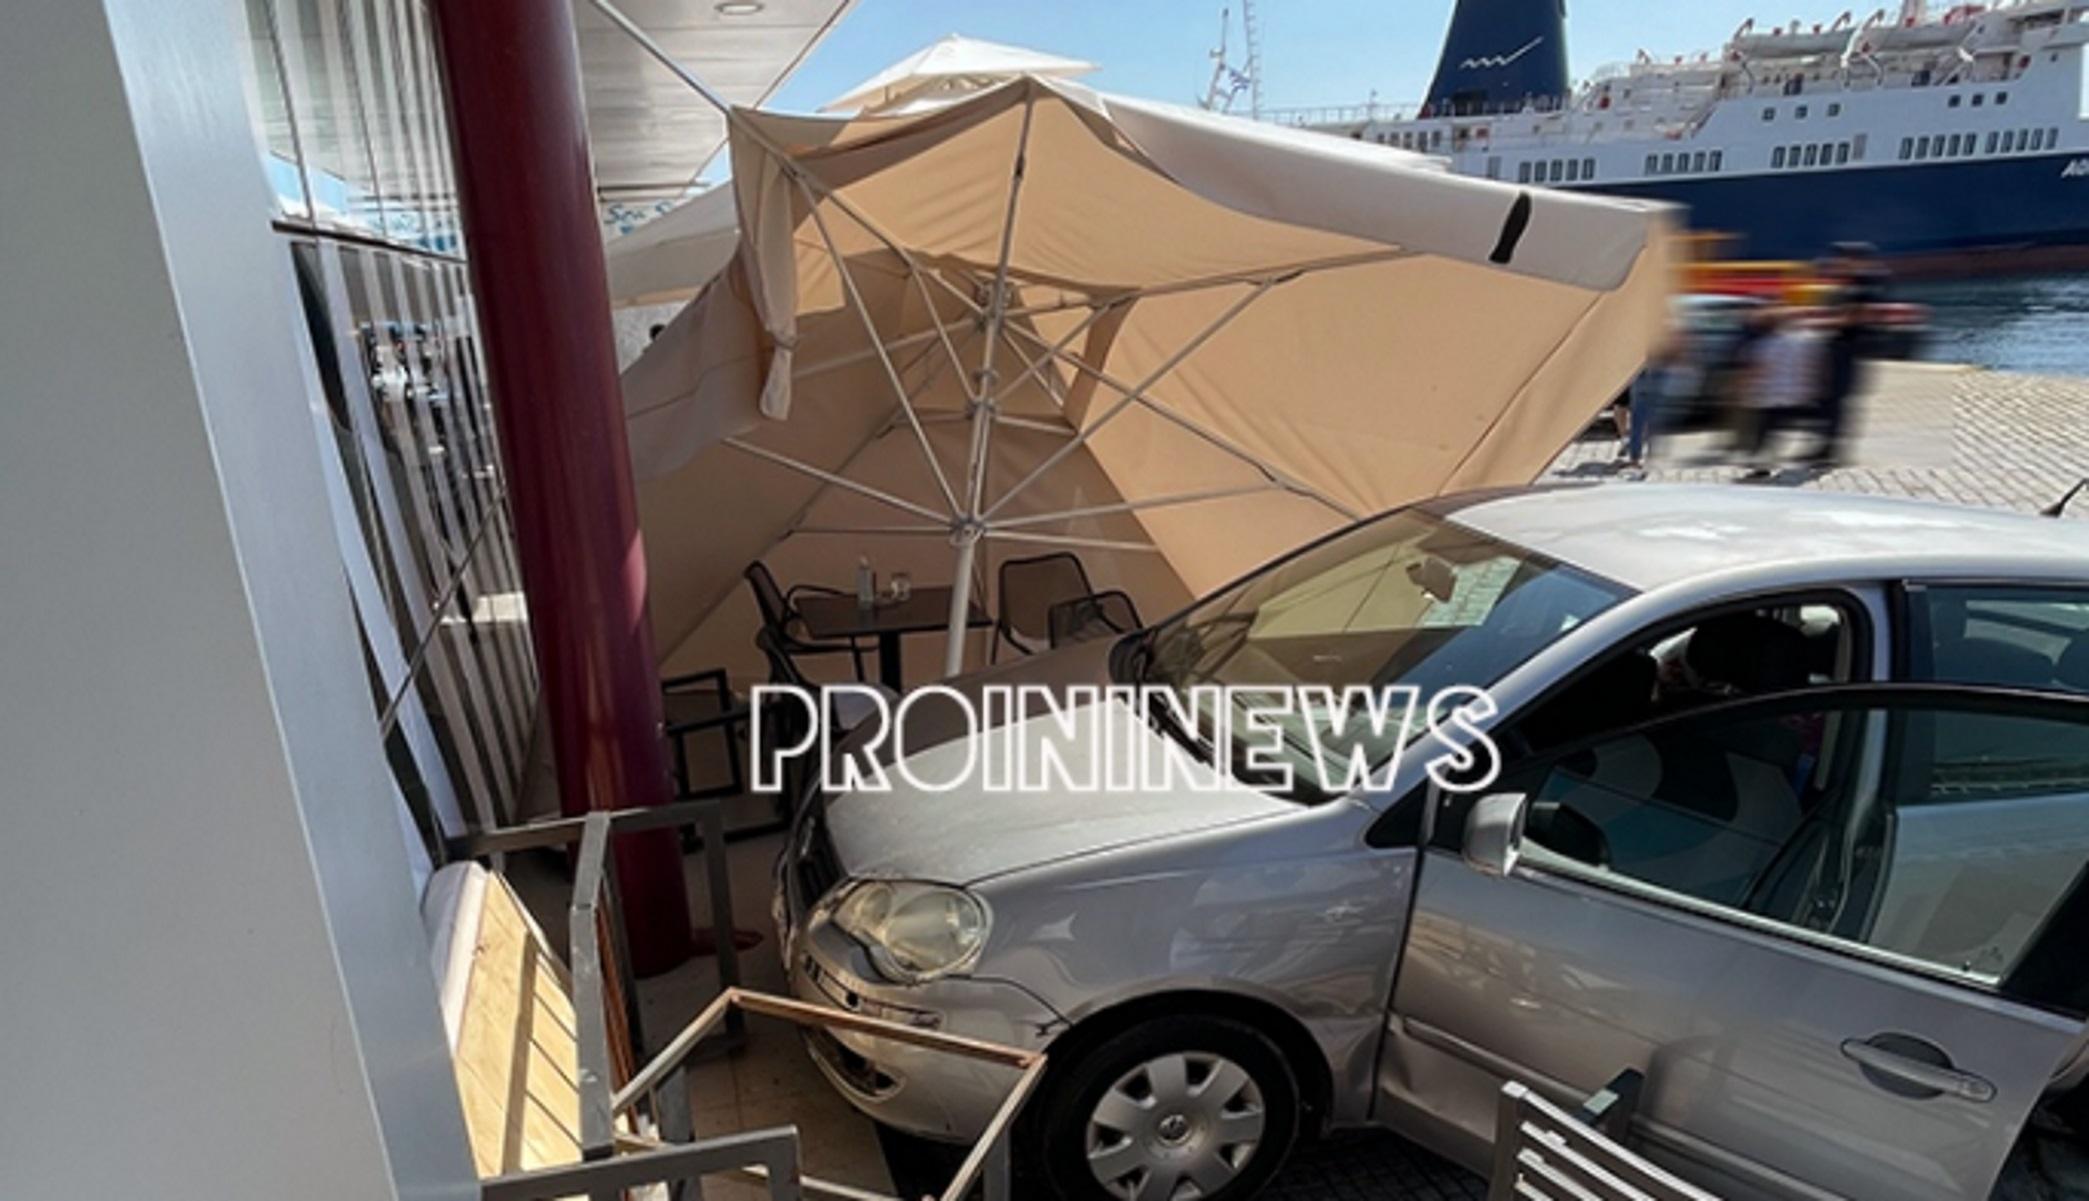 Καβάλα: Αυτοκίνητο ισοπέδωσε τραπεζοκαθίσματα – Σκηνές πανικού στο λιμάνι